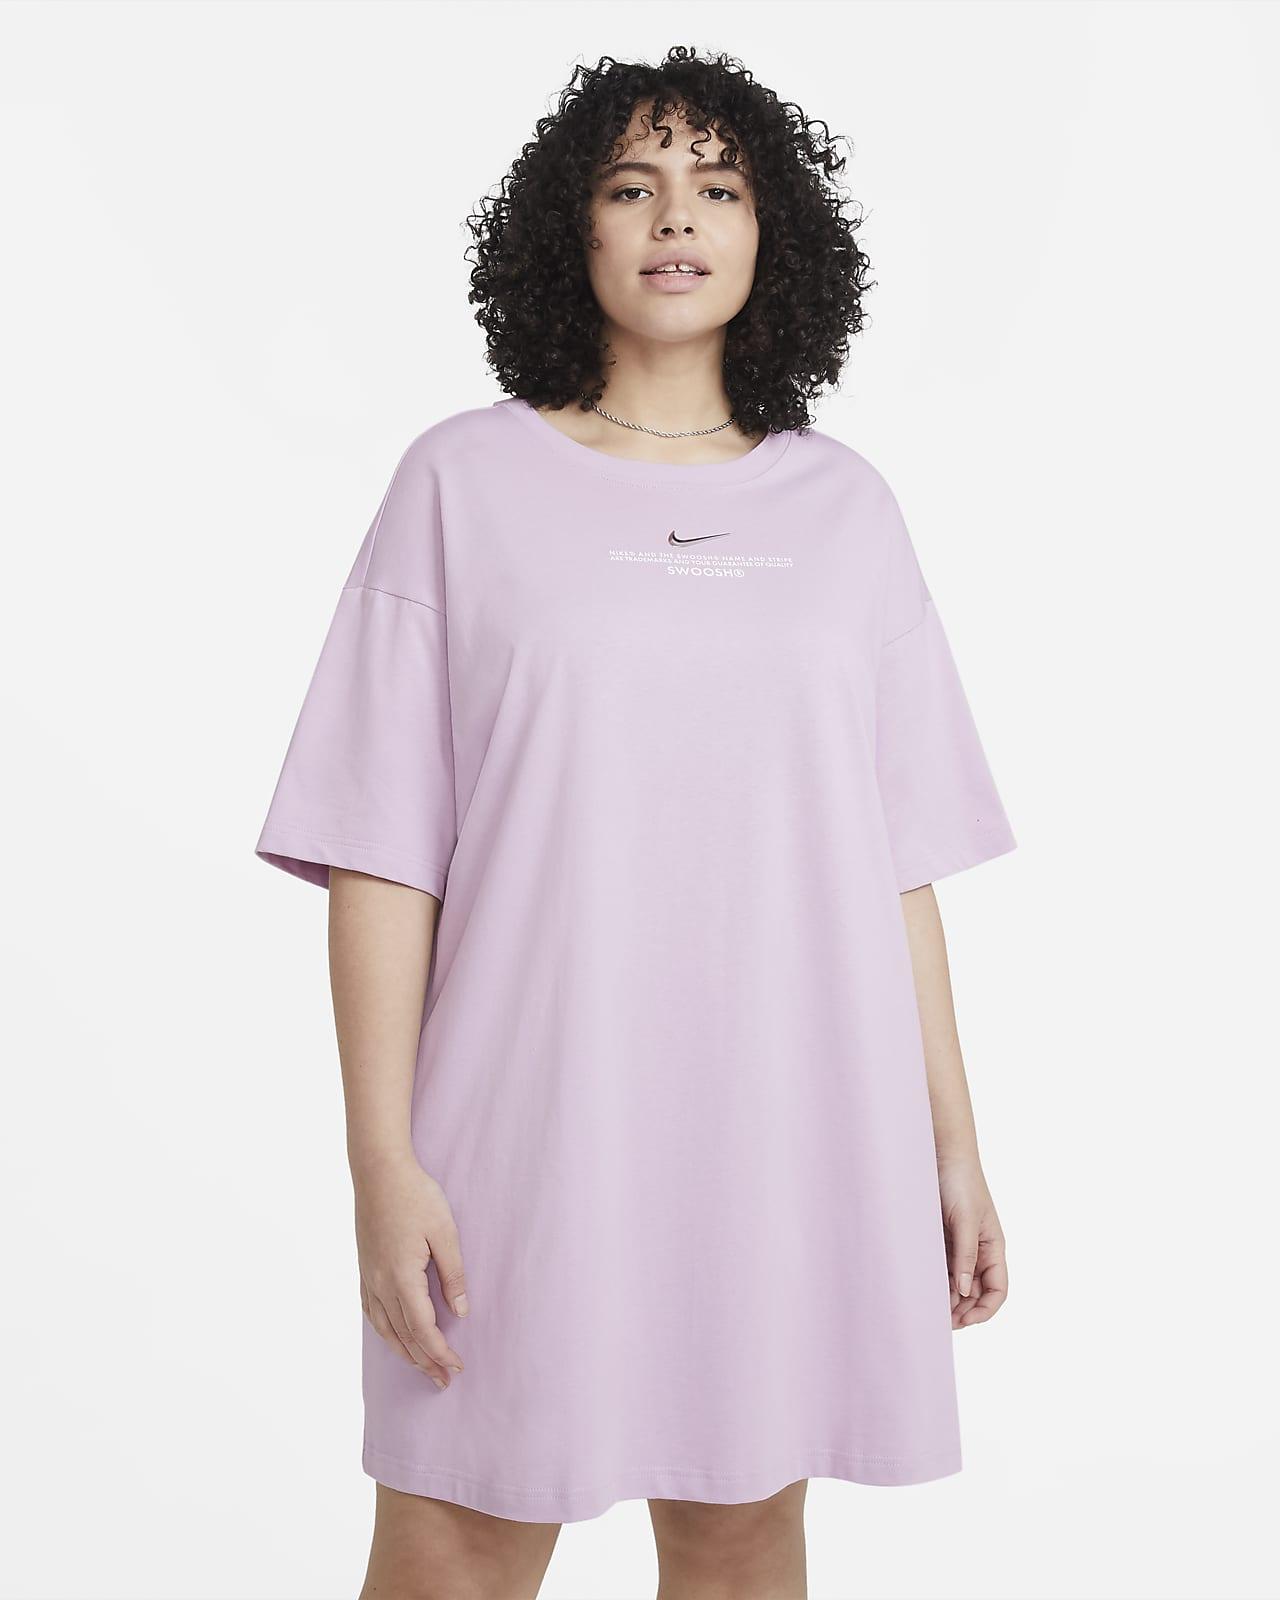 Nike Sportswear Swoosh Women's Dress (Plus size)